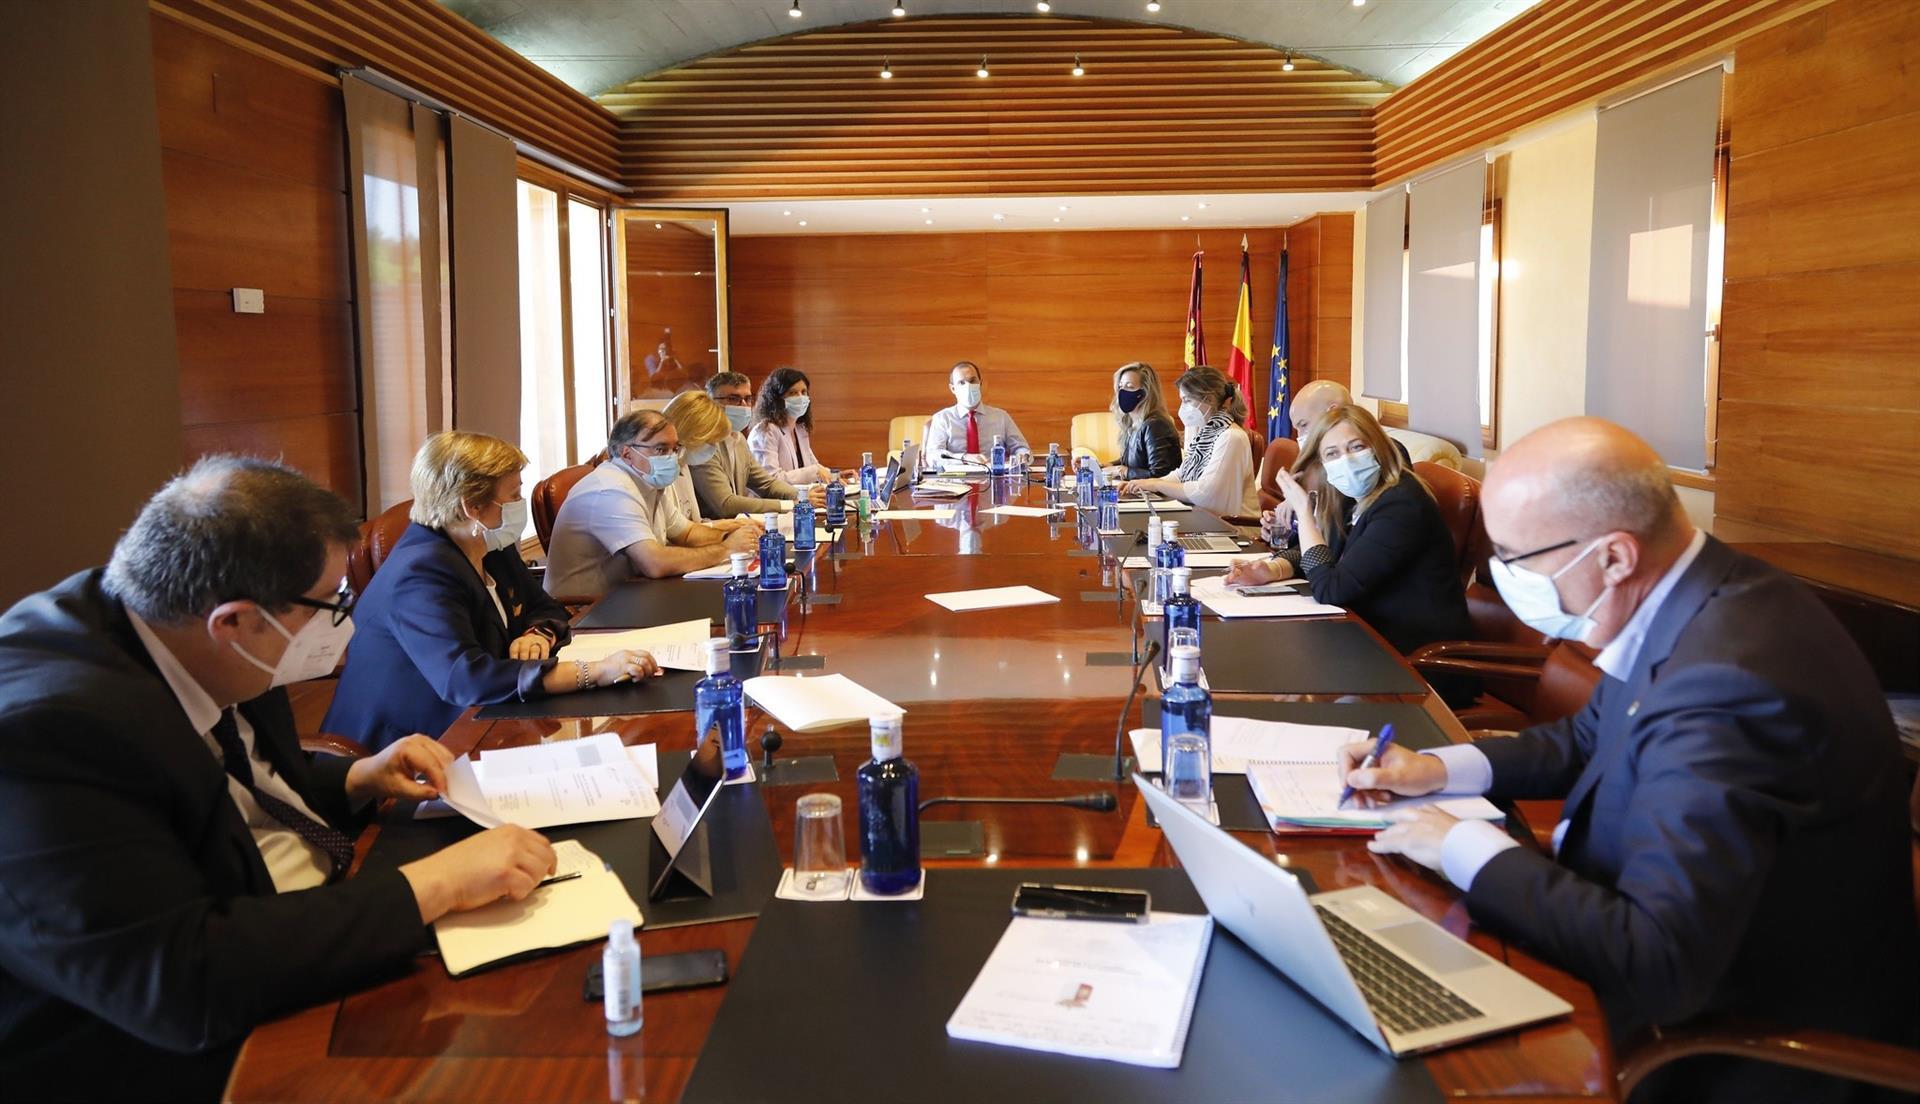 El próximo pleno Cortes incluirá comparecencia de Franco para hablar de medidas para autónomos y pymes por la crisis